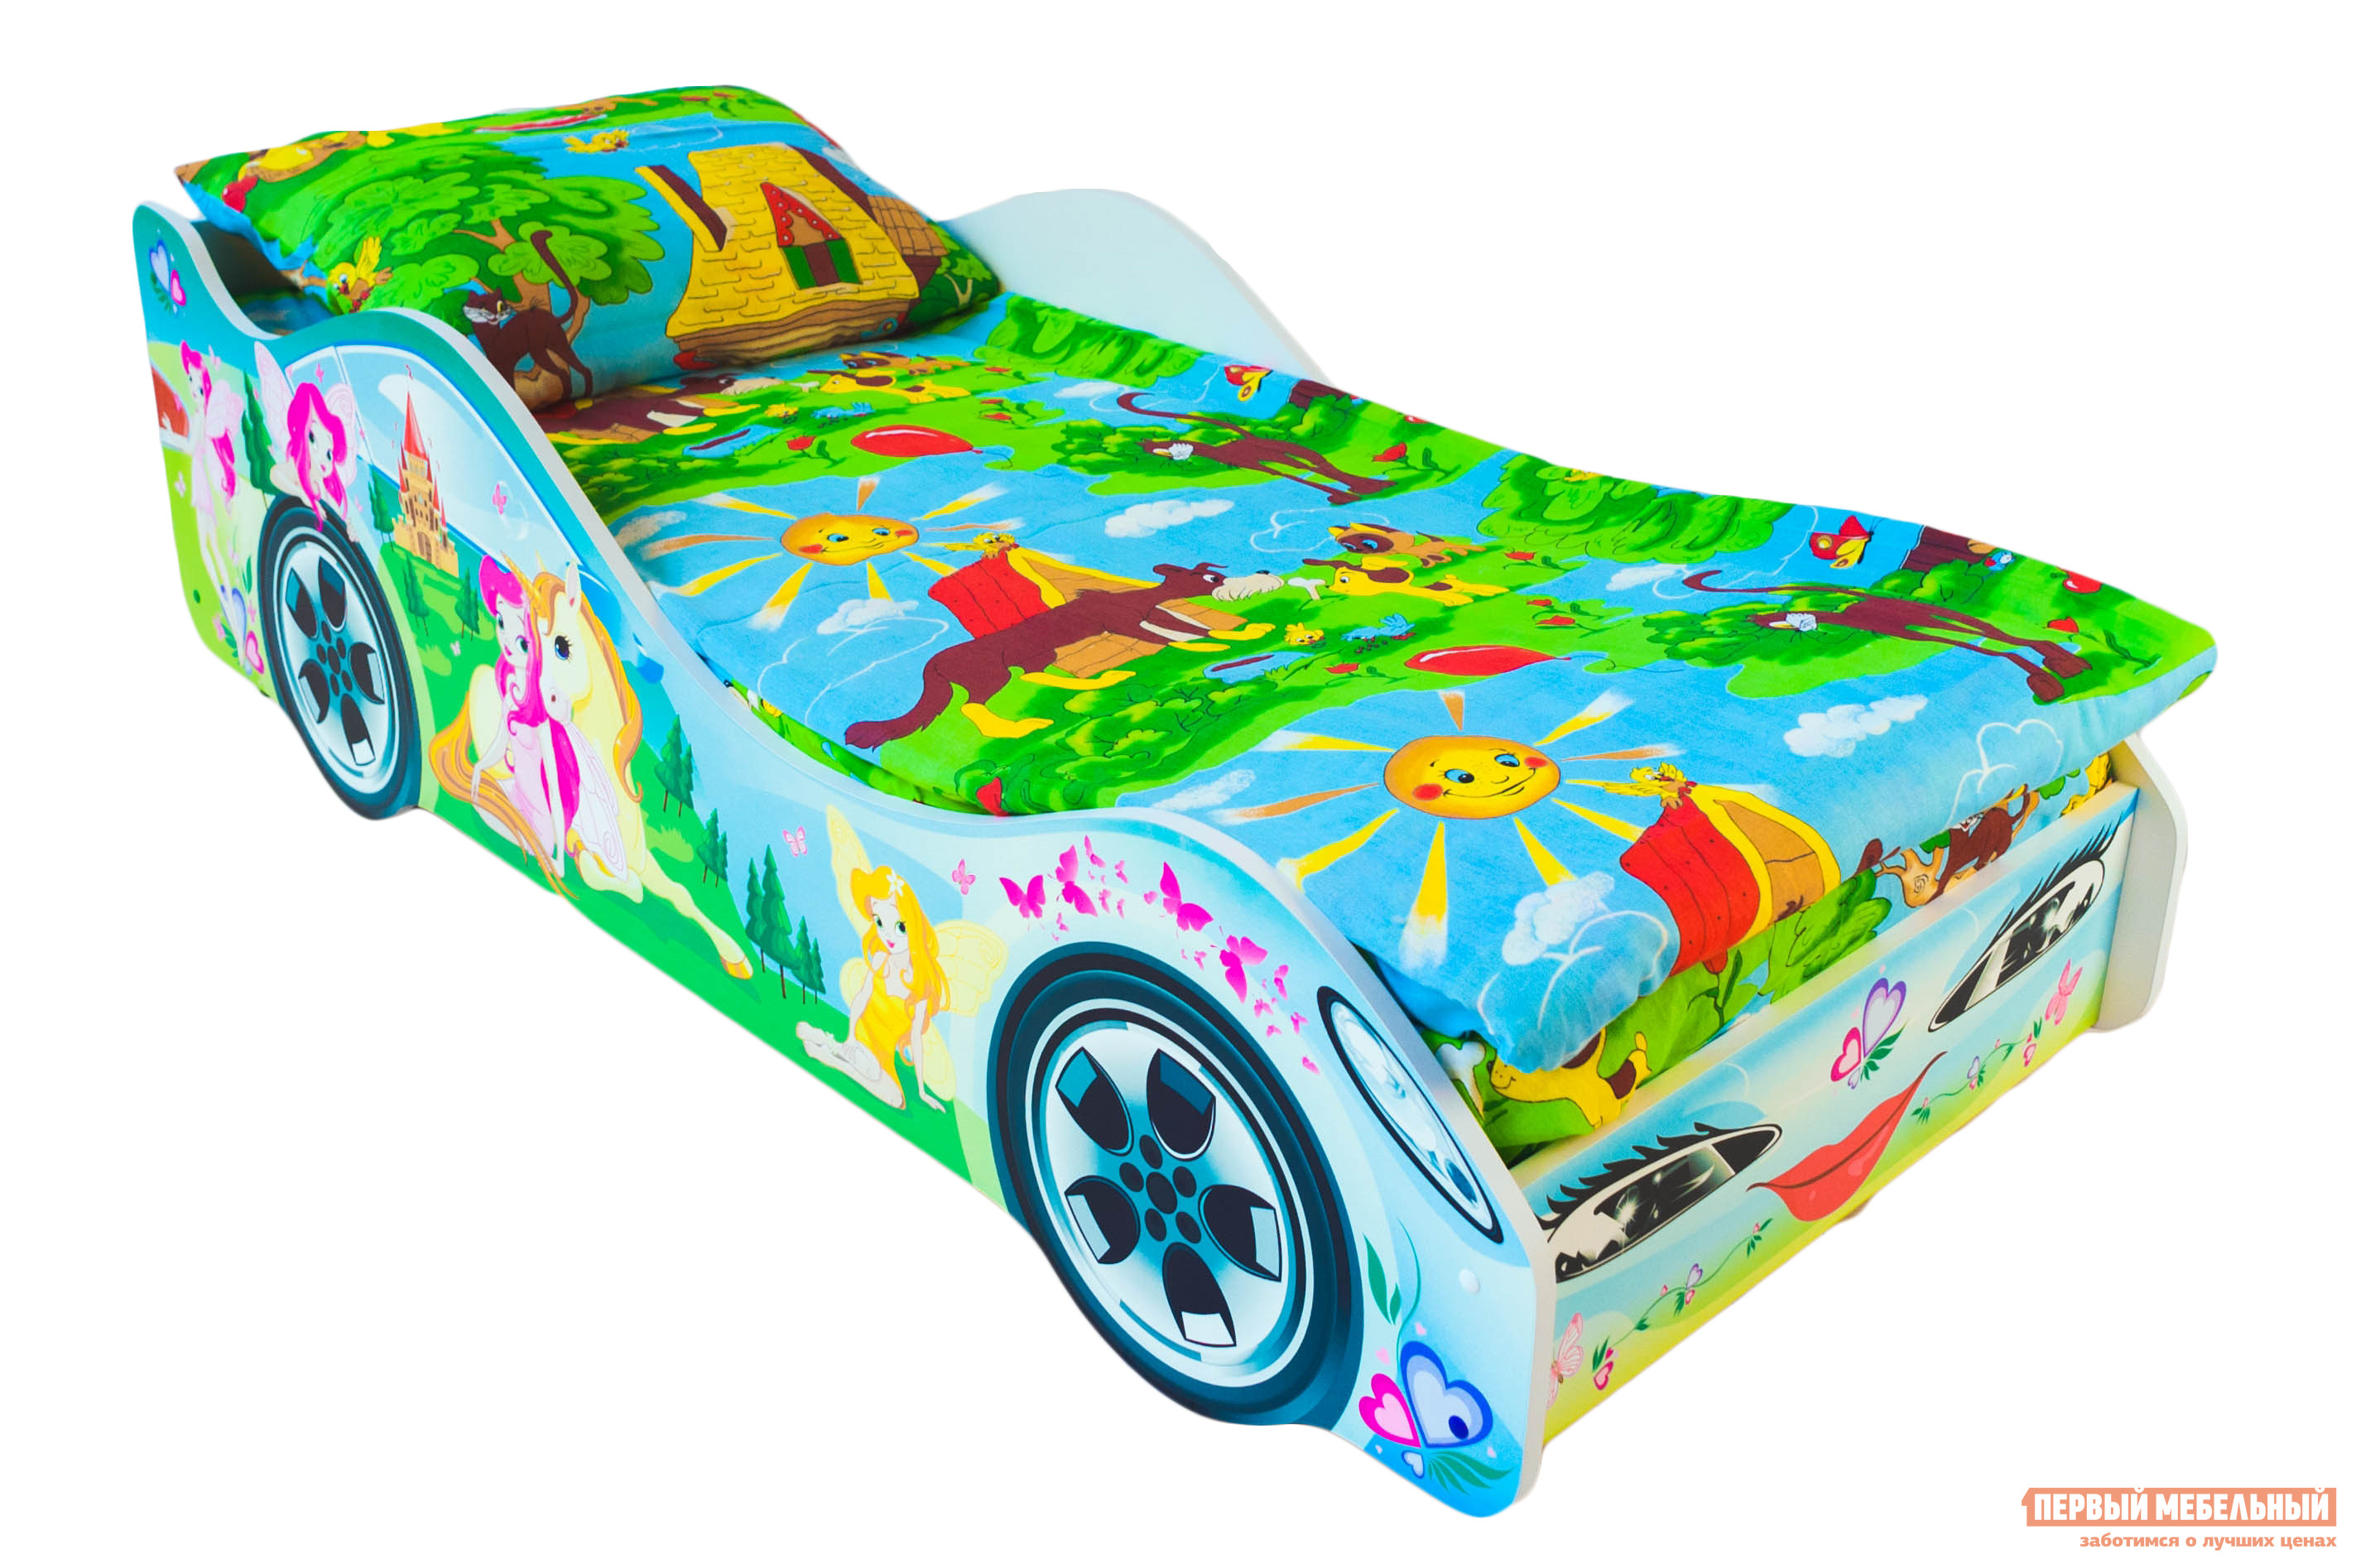 Кровать-машина Бельмарко Принцесса Салатовый, С матрасомКровати-машины<br>Габаритные размеры ВхШхГ 500x750x1700 мм. Кроватка, исполненная в виде автомобиля с ярким принтом не оставит равнодушной ни одну принцессу. Размер спального места составляет 700х1600 мм. Боковые линии кровати позволяют взрослому удобно сидеть, пока ребенок засыпает, при этом малыш никогда не упадет во сне. Модель очень легко собирается в течении 10 минут. Основание под матрас — деревянные прочные латы, выдерживающие нагрузку до 200 кг.  Латы позволяют матрасу «дышать», если он намокнет — достаточно его перевернуть и он высохнет. Материал изготовления — ЛДСП класса E1 с прямой ультрафиолетовой печатью, что обеспечивает долговечность и безопасность в эксплуатации. Обратите внимание! Необходимо выбрать комплектацию: с матрасом или без. Также вы можете дополнительно заказать светодиодную подсветку дна кровати и пластиковые объемные колеса, с которыми вы можете более подробно ознакомиться во вкладке «Аксессуары».<br><br>Цвет: Зеленый<br>Высота мм: 500<br>Ширина мм: 750<br>Глубина мм: 1700<br>Кол-во упаковок: 2<br>Форма поставки: В разобранном виде<br>Срок гарантии: 1 год<br>Материал: Дерево<br>Материал: ЛДСП<br>С бортиками: Да<br>С колесами: Да<br>С матрасом: Да<br>С подсветкой: Да<br>Возраст: От 3-х лет<br>Пол: Для девочек